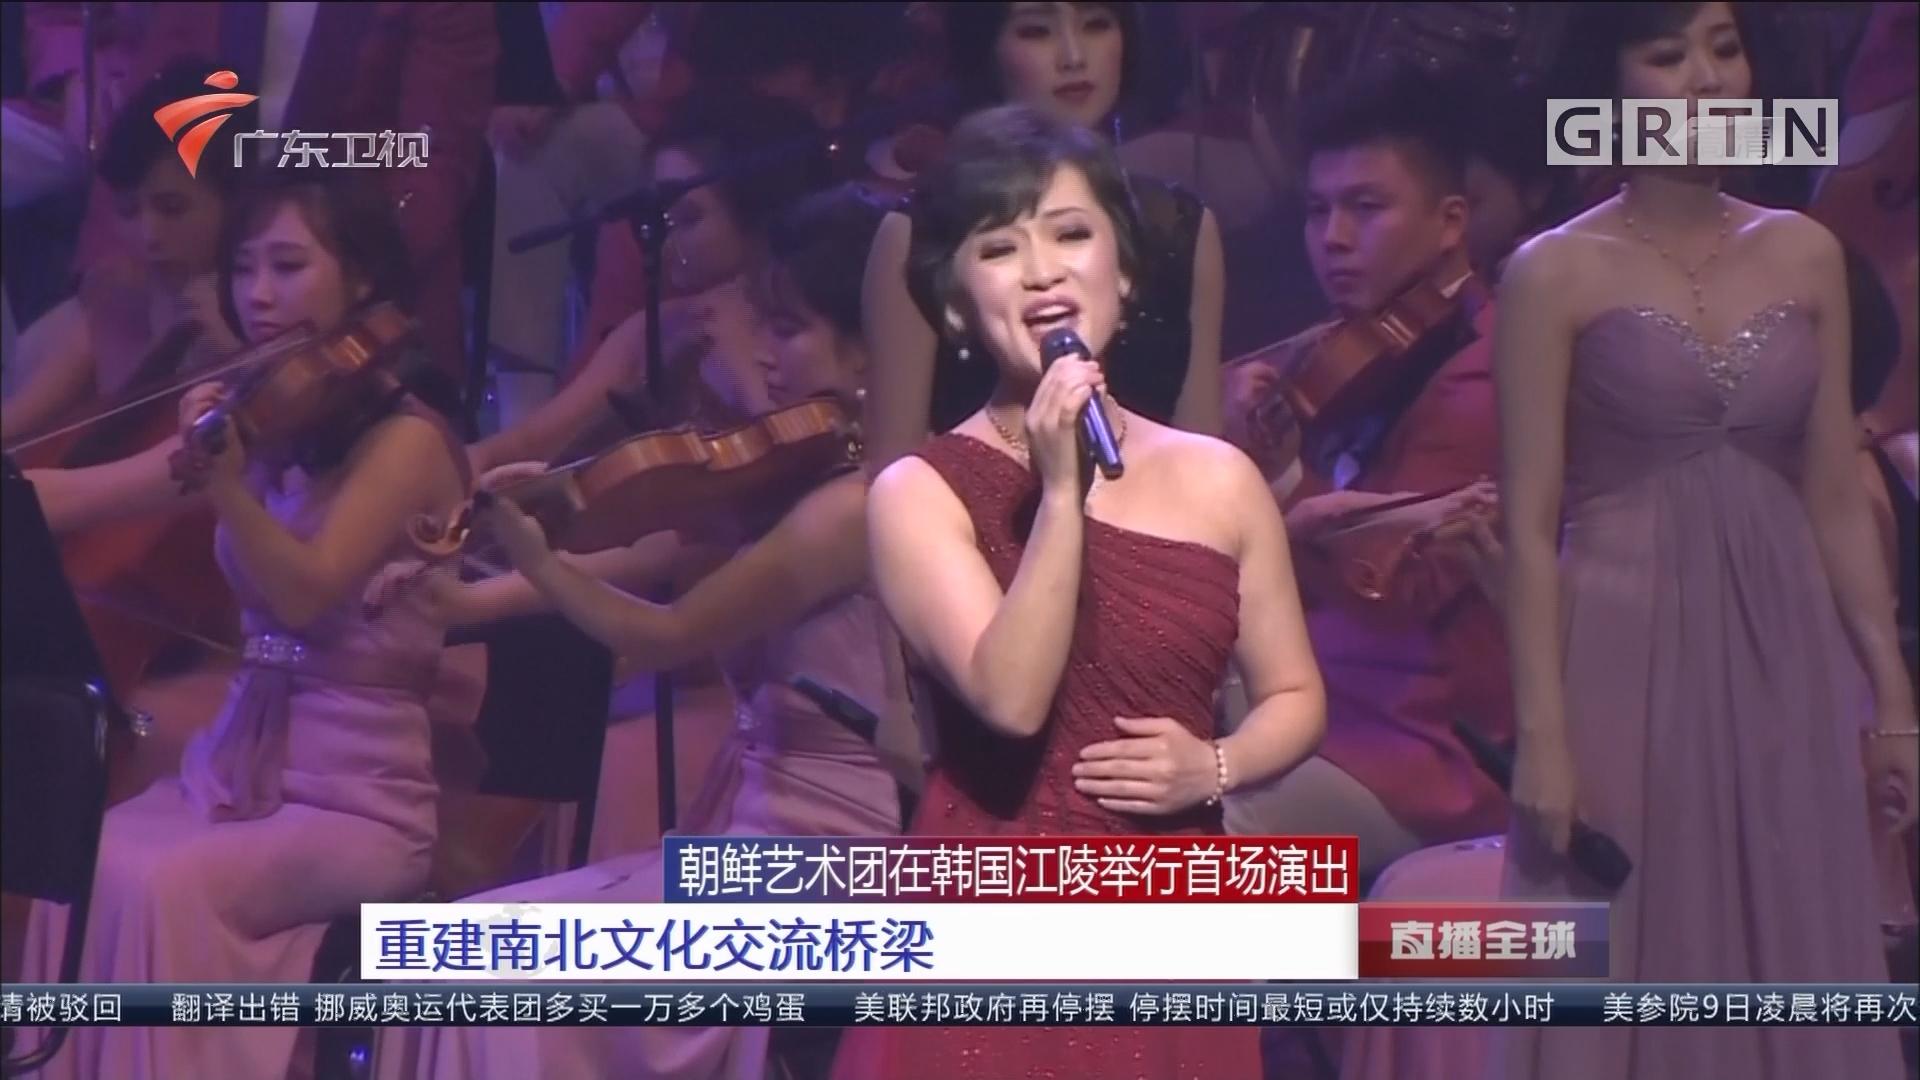 朝鲜艺术团在韩国江陵举行首场演出:朝鲜女歌手活力四射